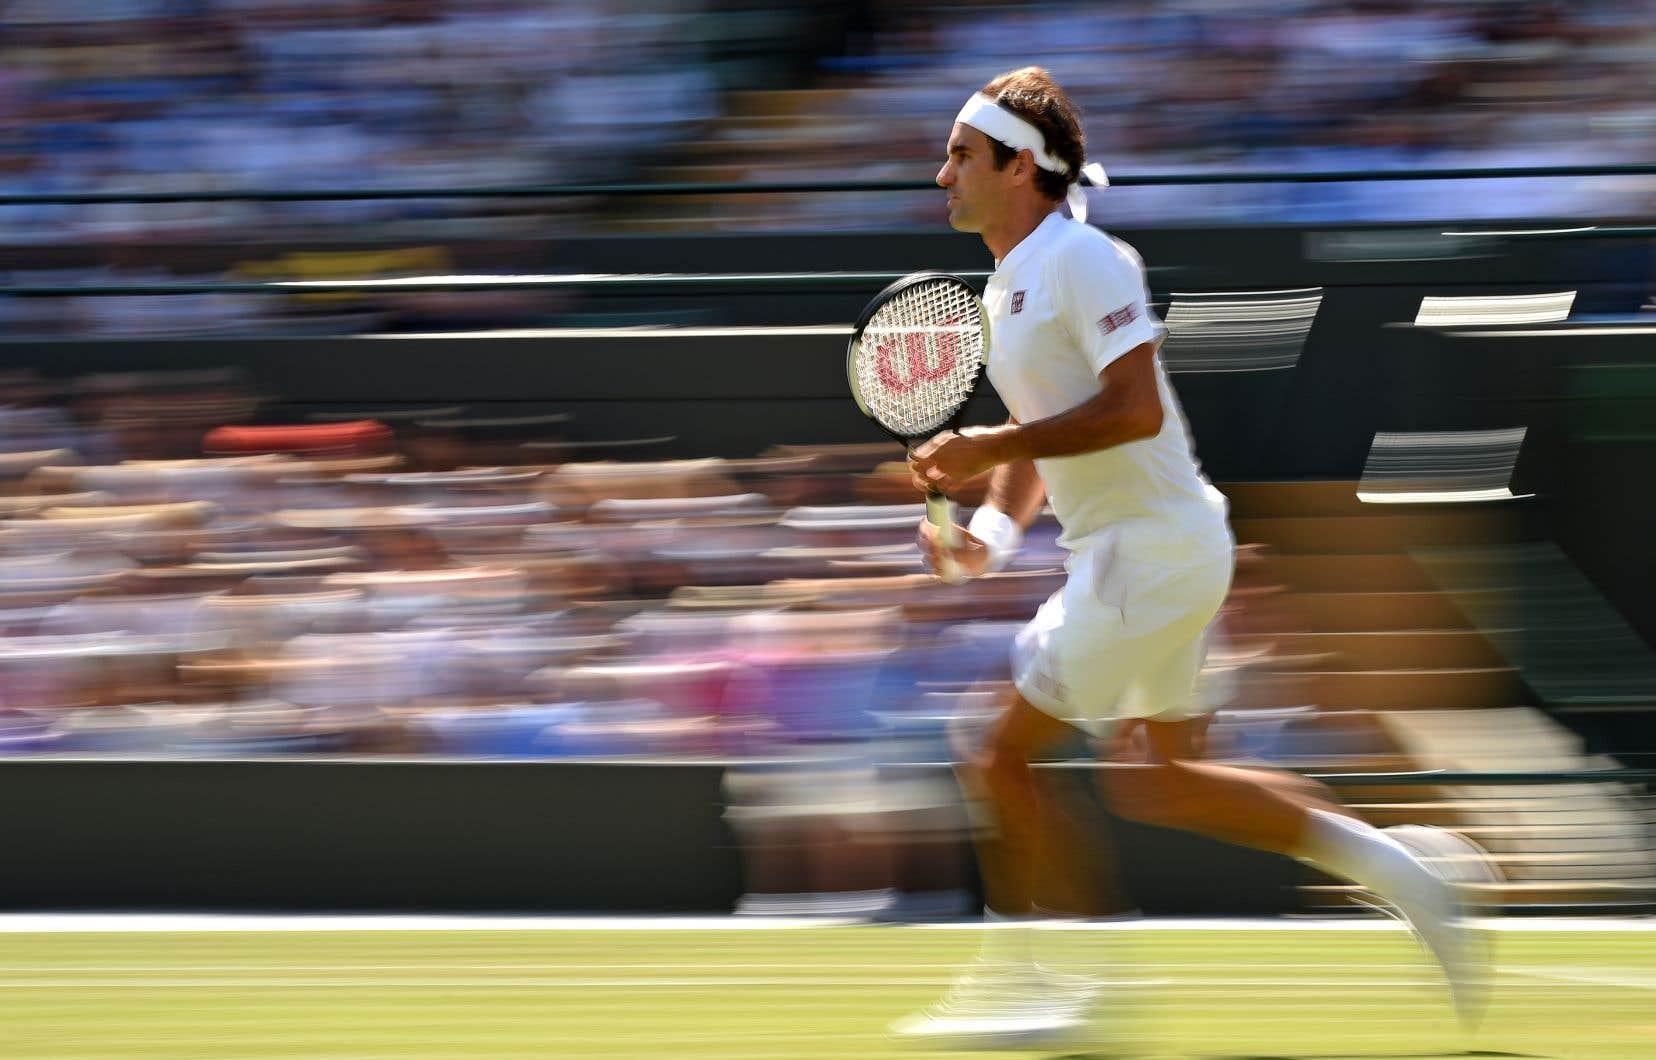 L'octuple champion de Wimbledon Roger Federer a considérablement allégé son horaire de travail.